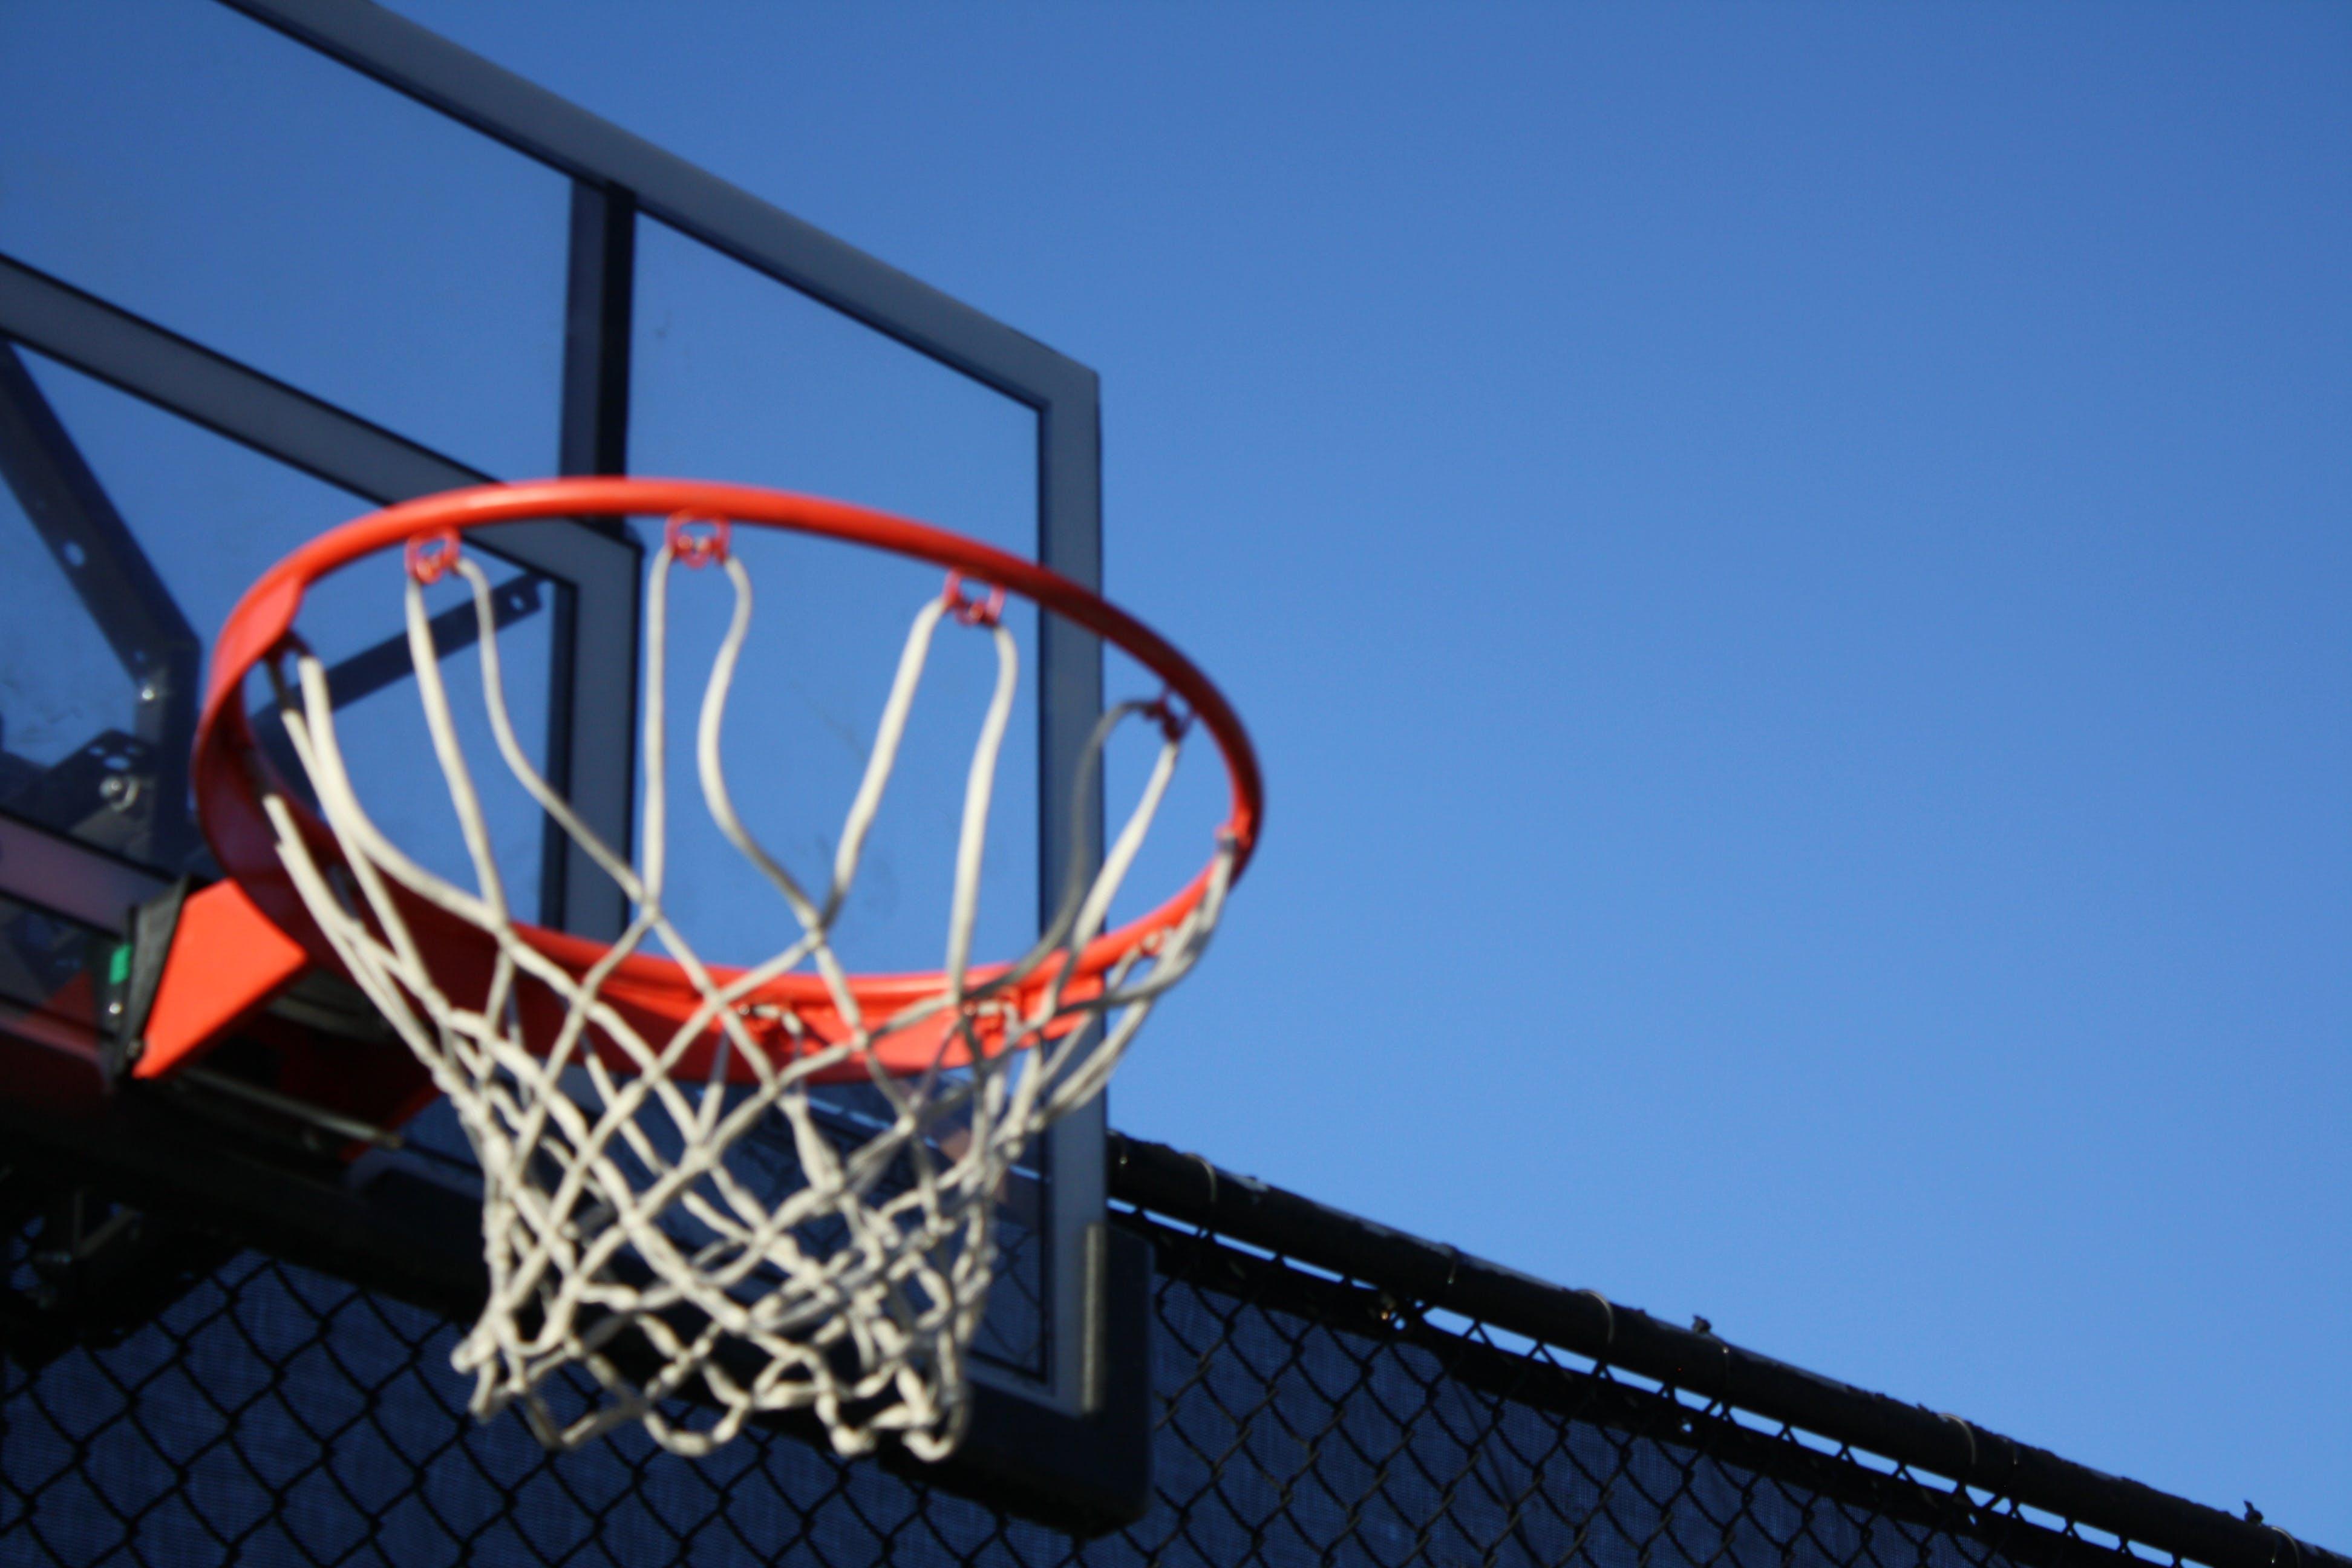 Ảnh lưu trữ miễn phí về bóng rổ, bóng đá, chủ nghĩa tối giản, giải trí